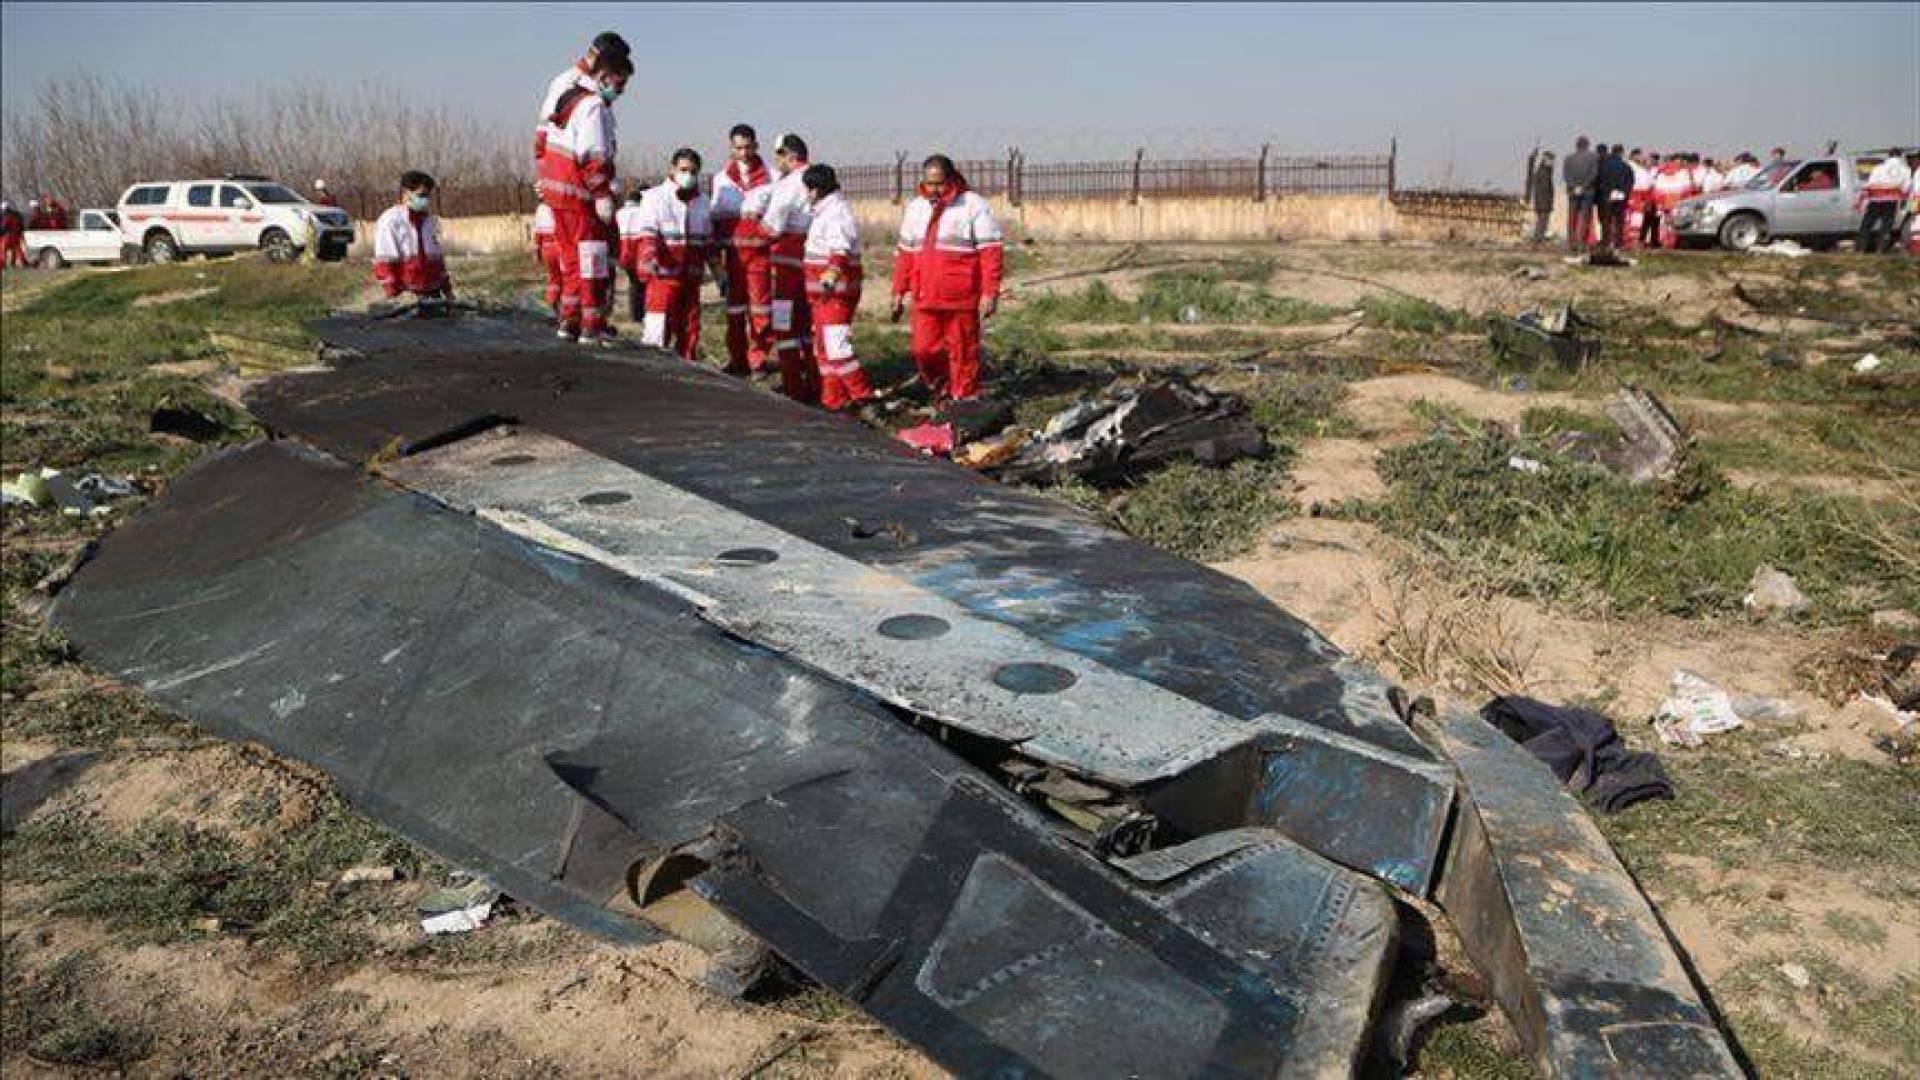 إيران تعلن رسميا سبب سقوط الطائرة الأوكرانية